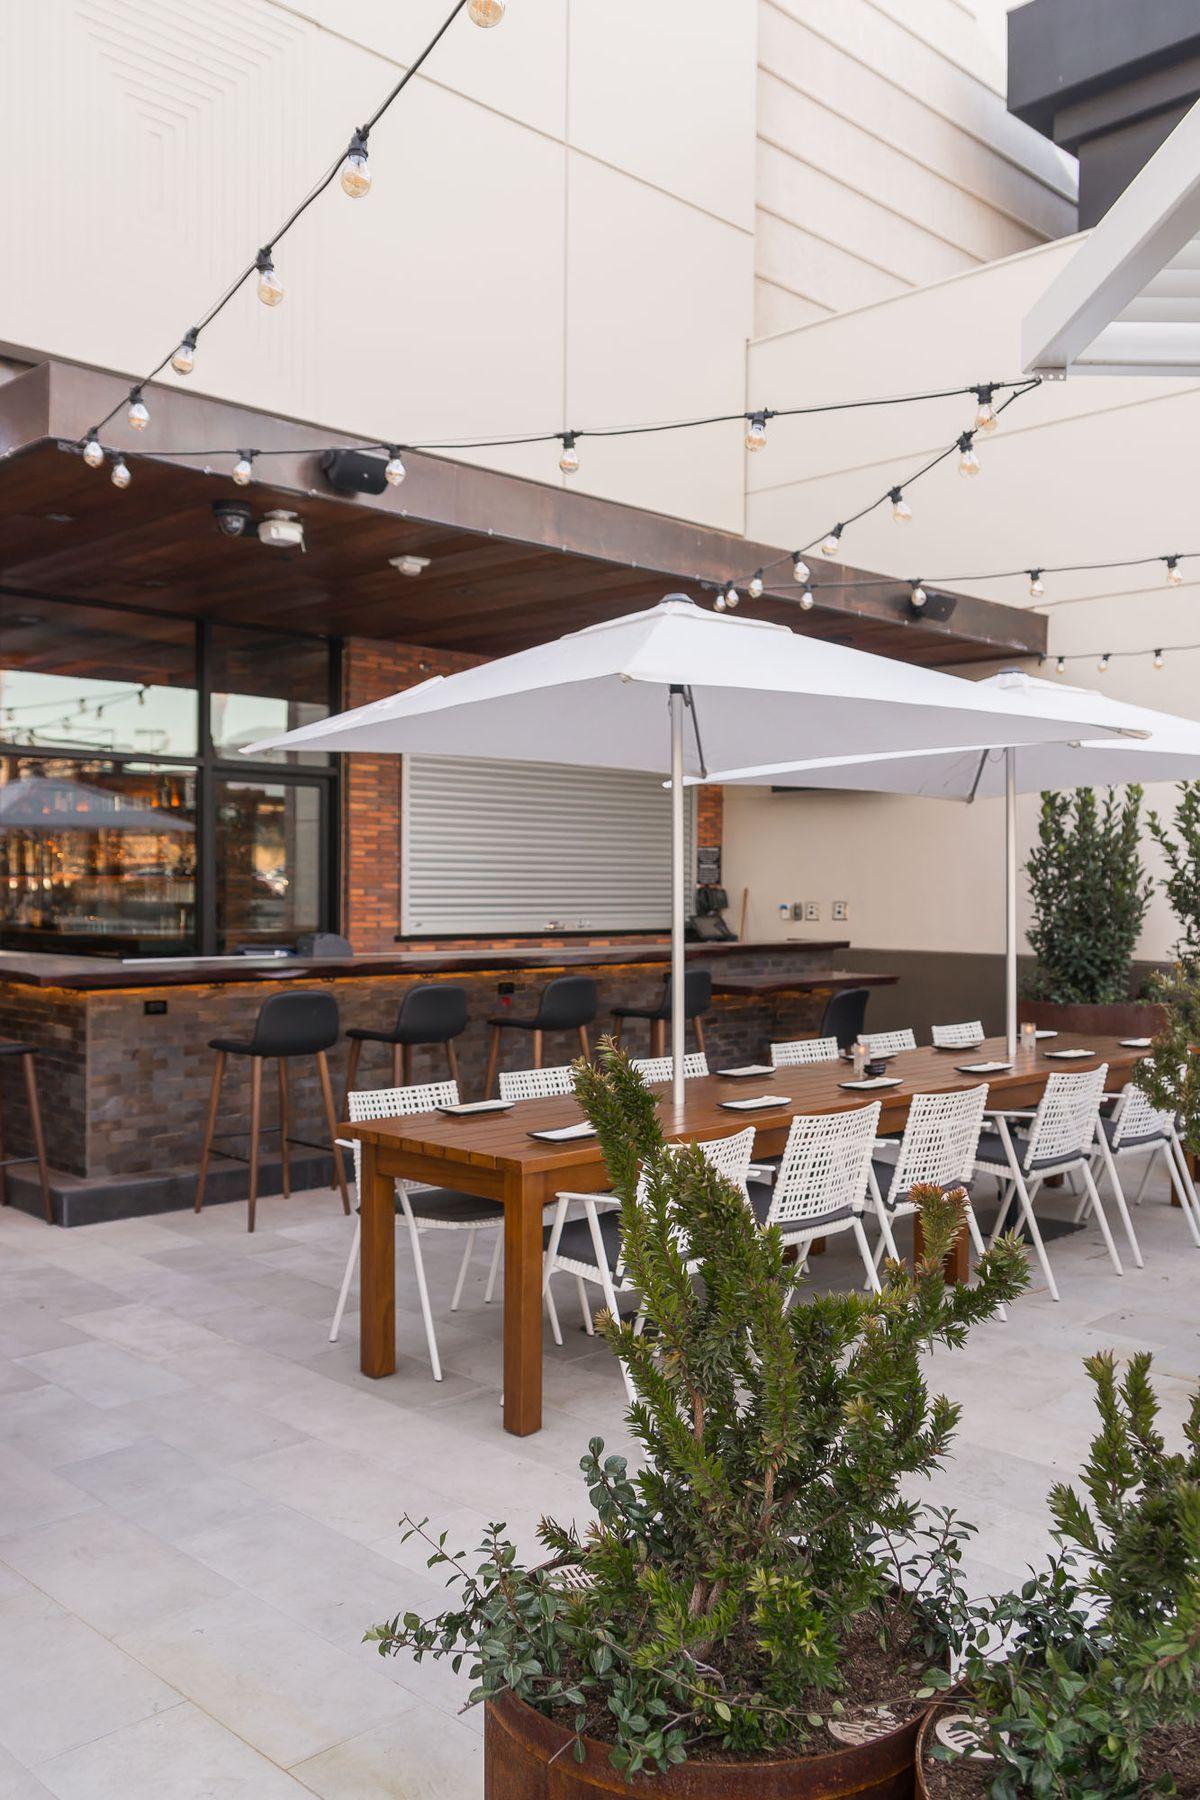 The patio at Blue Ribbon Sushi Bar & Grill